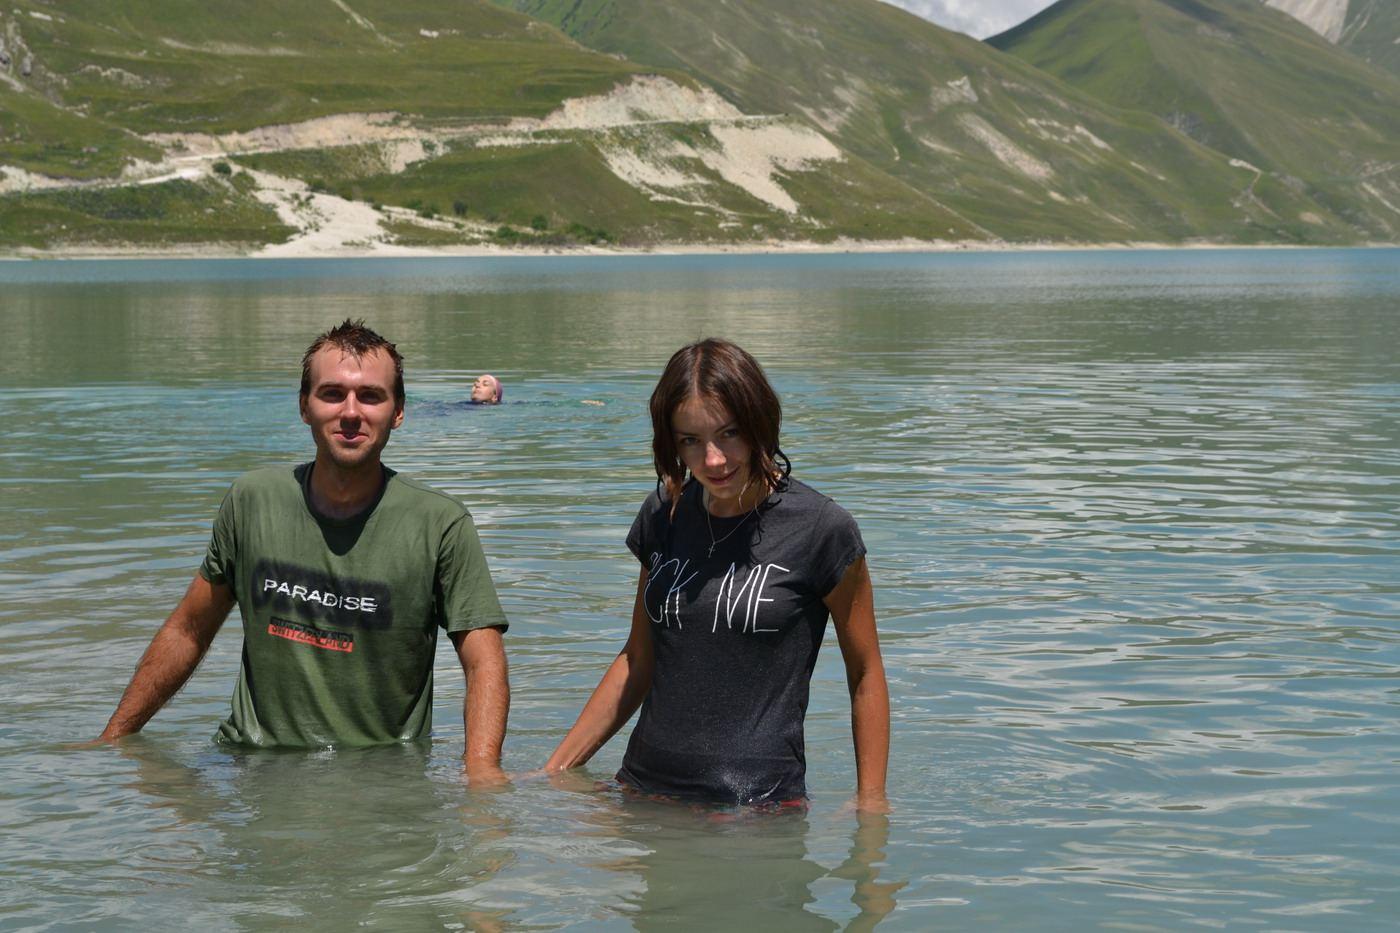 кезеной-ам, озеро, купаемся в одежде, чечня, горы